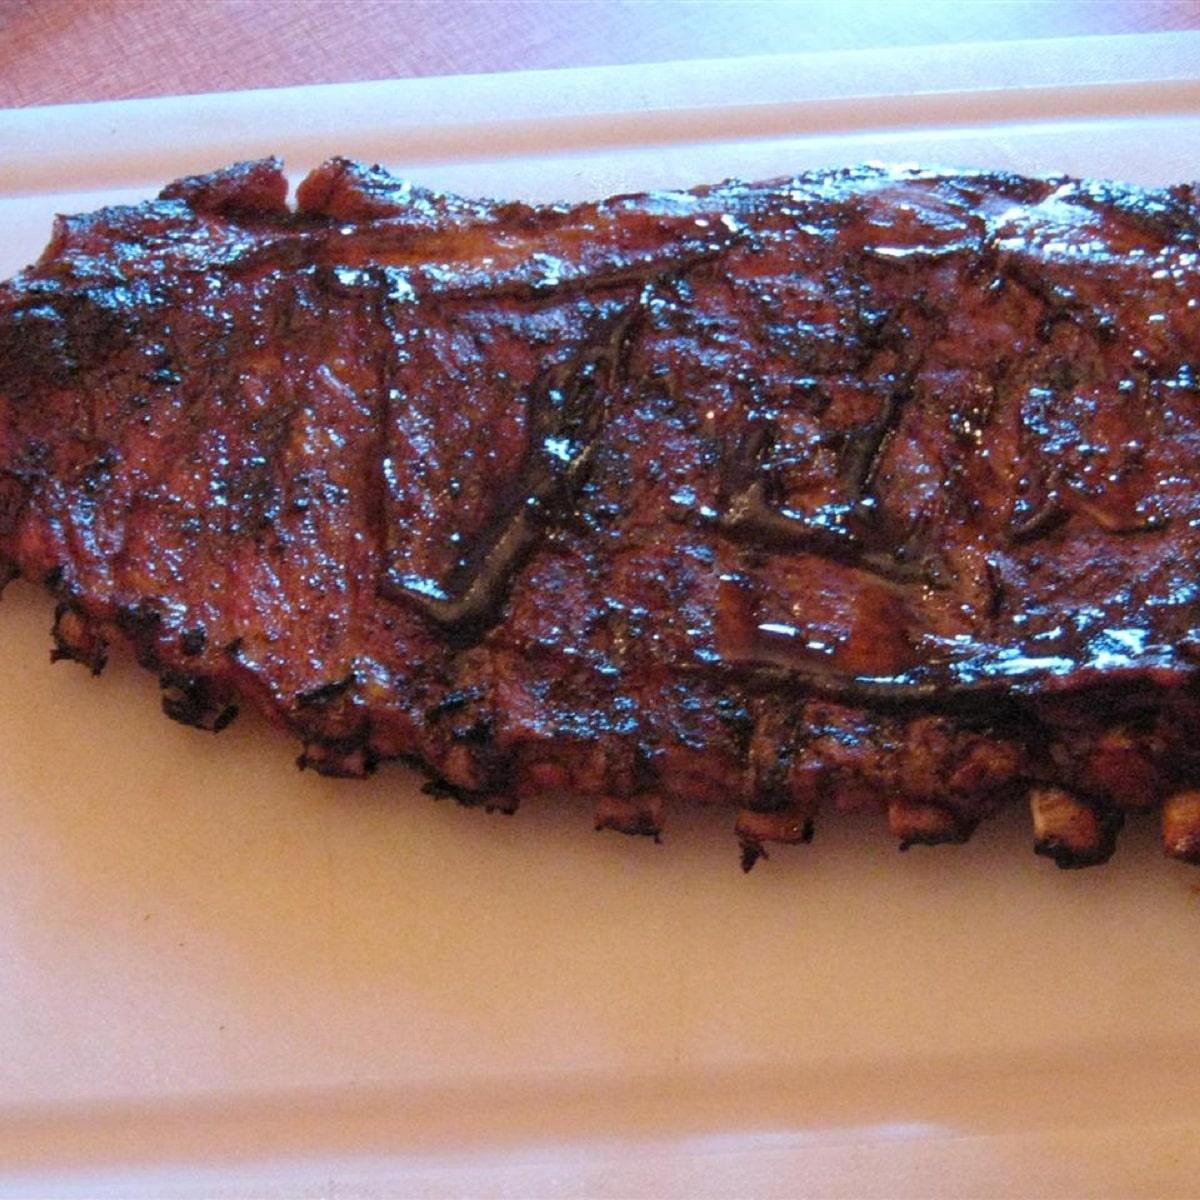 Slab of bbq ribs on white platter